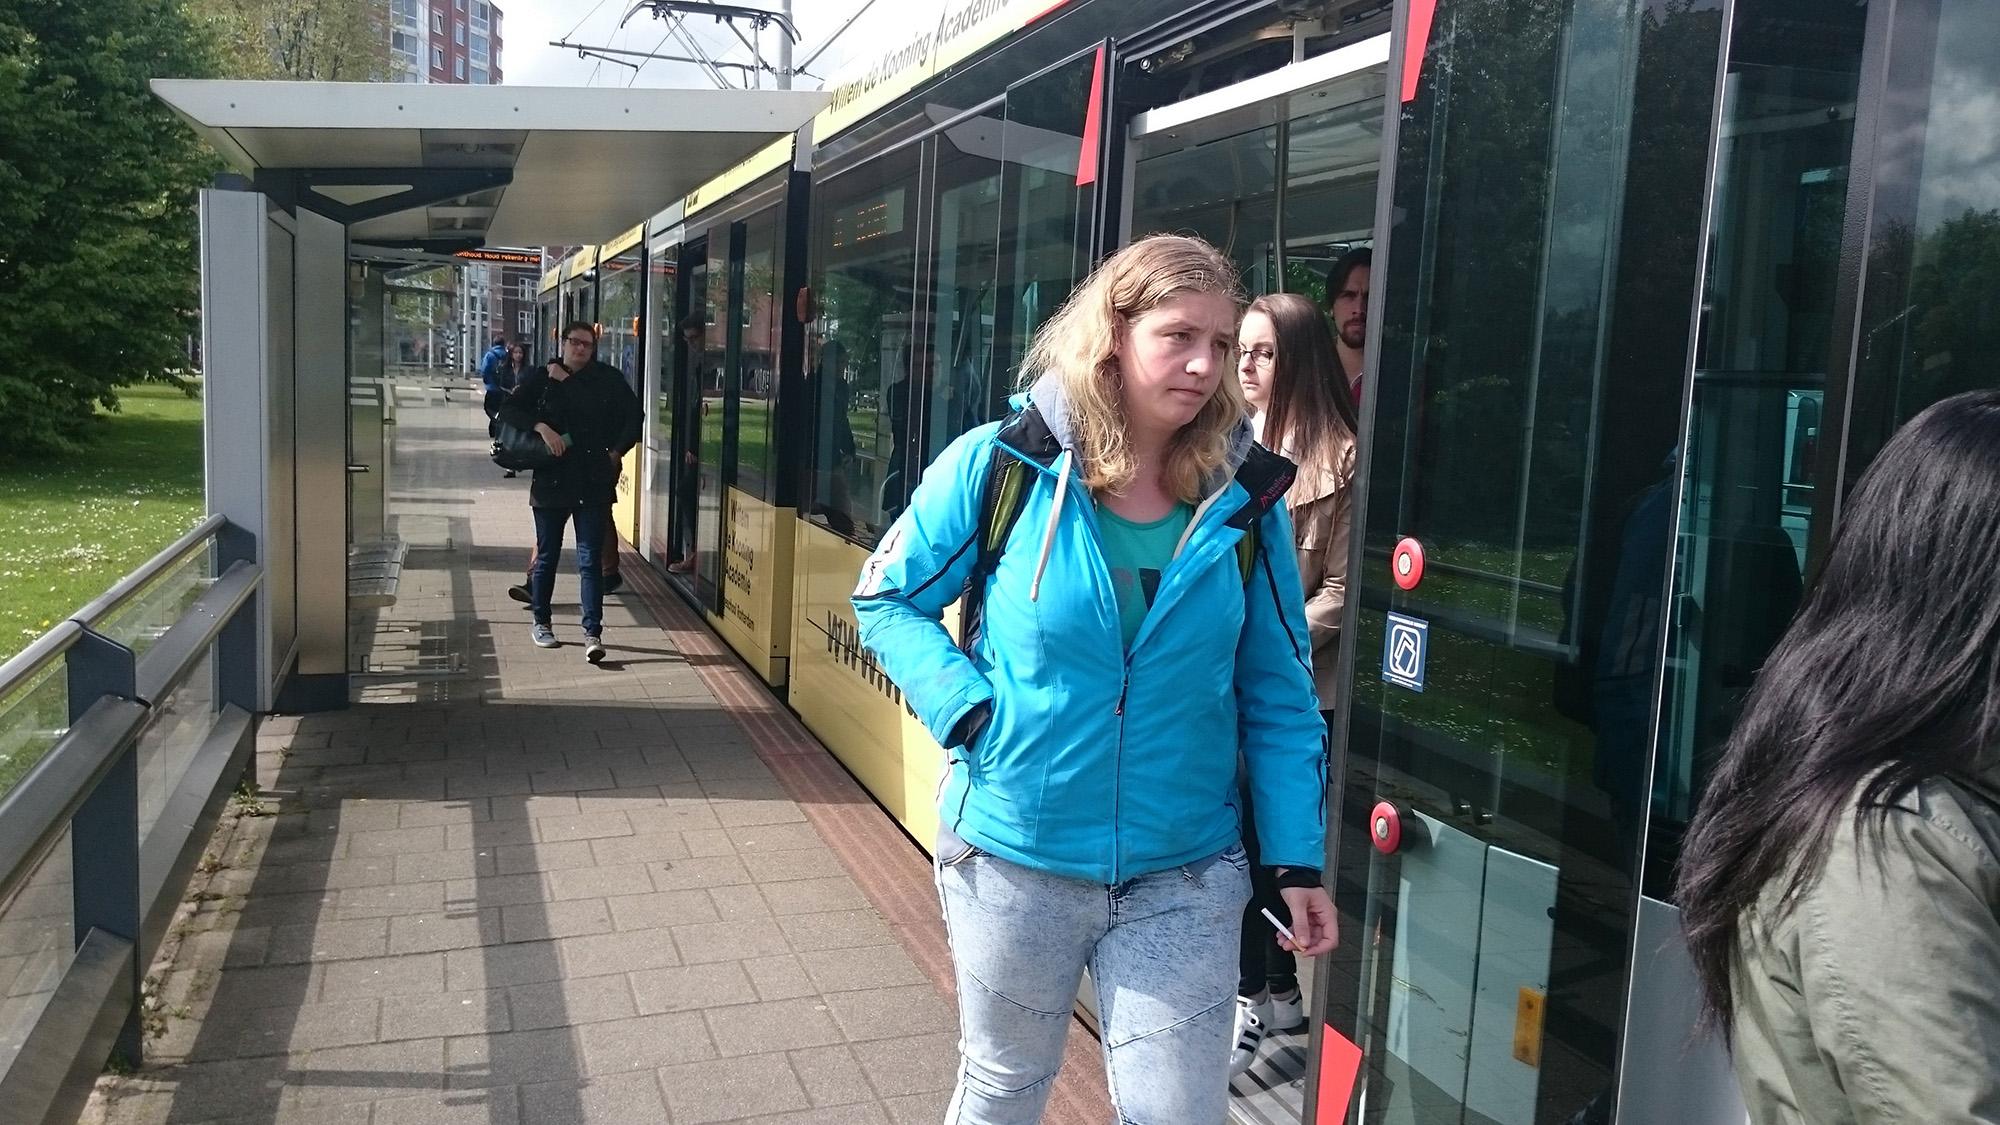 tramhalte-woudestein-zon-passagiers-(2) openbaar vervoer tram